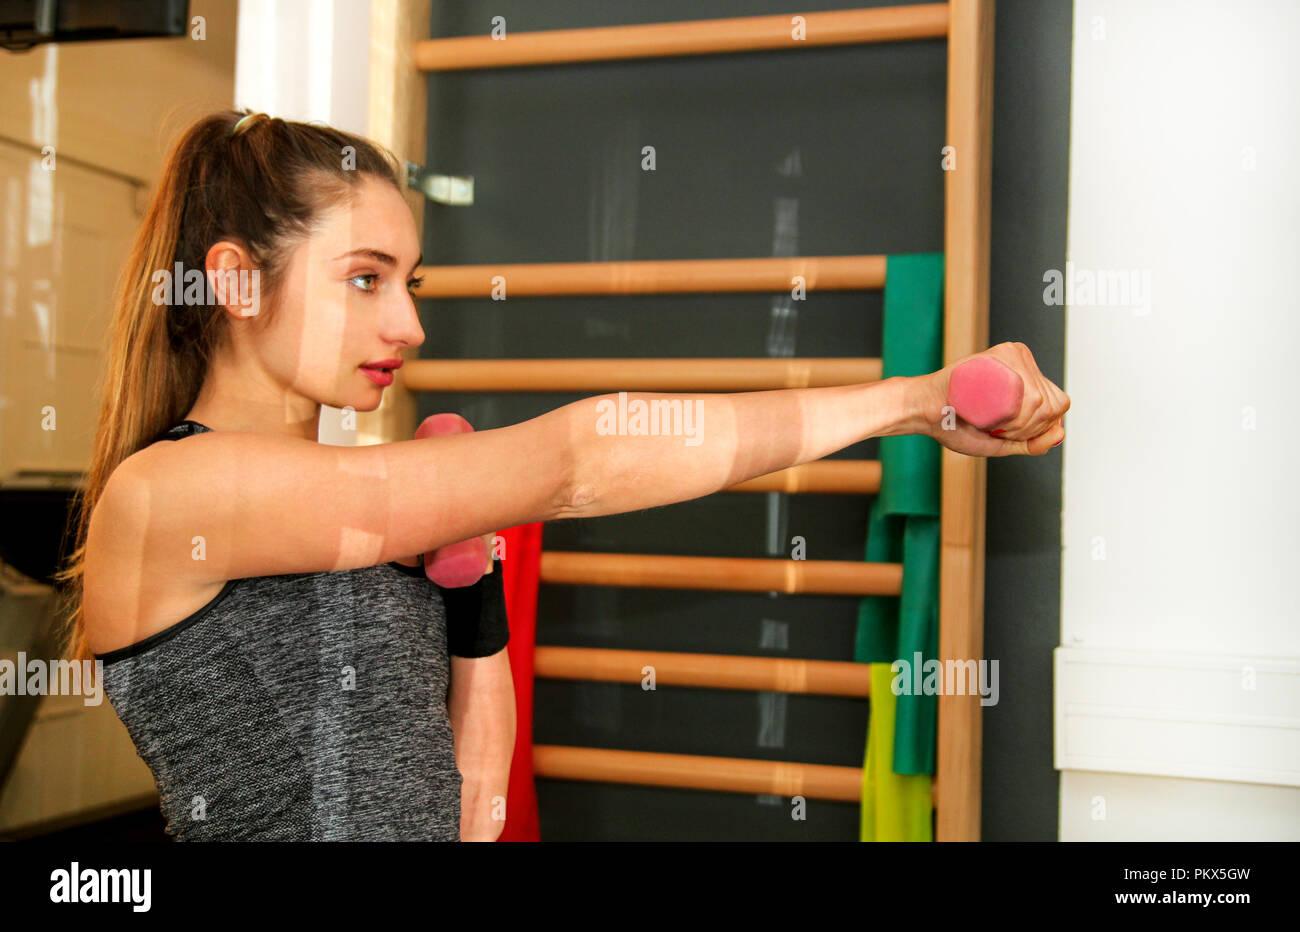 Deportes mujer ejercicio con levantamiento de pesas en el gimnasio. Guapo joven haciendo kick boxing directamente en el gimnasio. Deporte, fitness, saludable Imagen De Stock